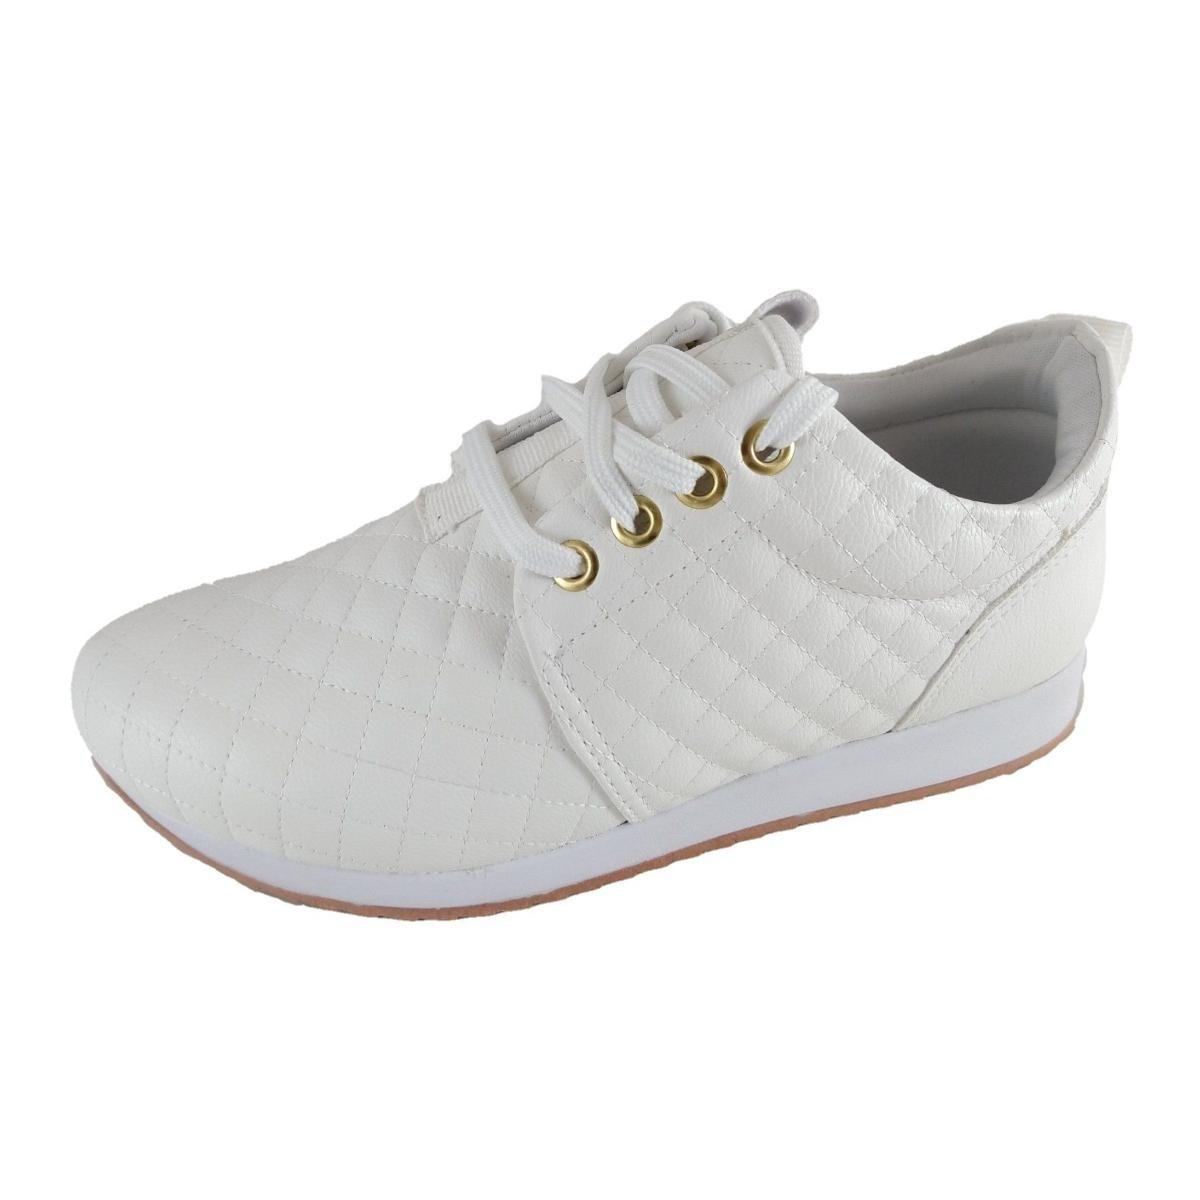 Tênis SapatoWeb Feminino Branco Tênis Confort SapatoWeb Erwx6qE